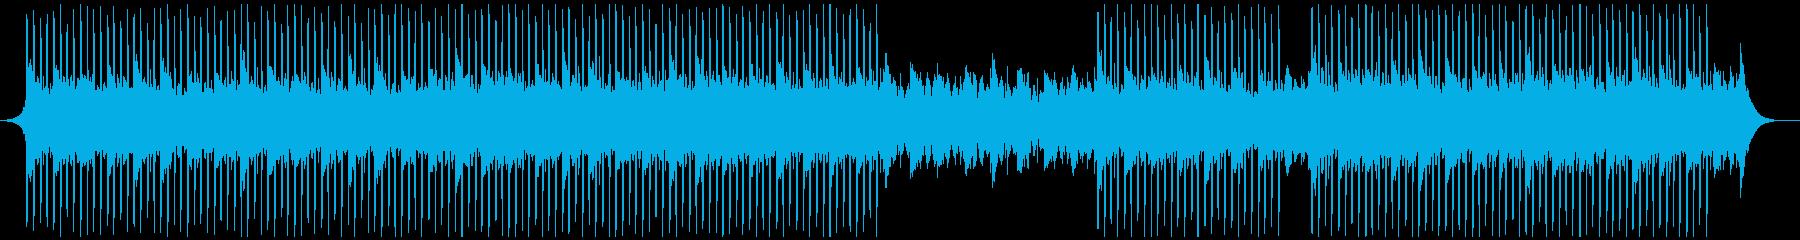 起動の再生済みの波形